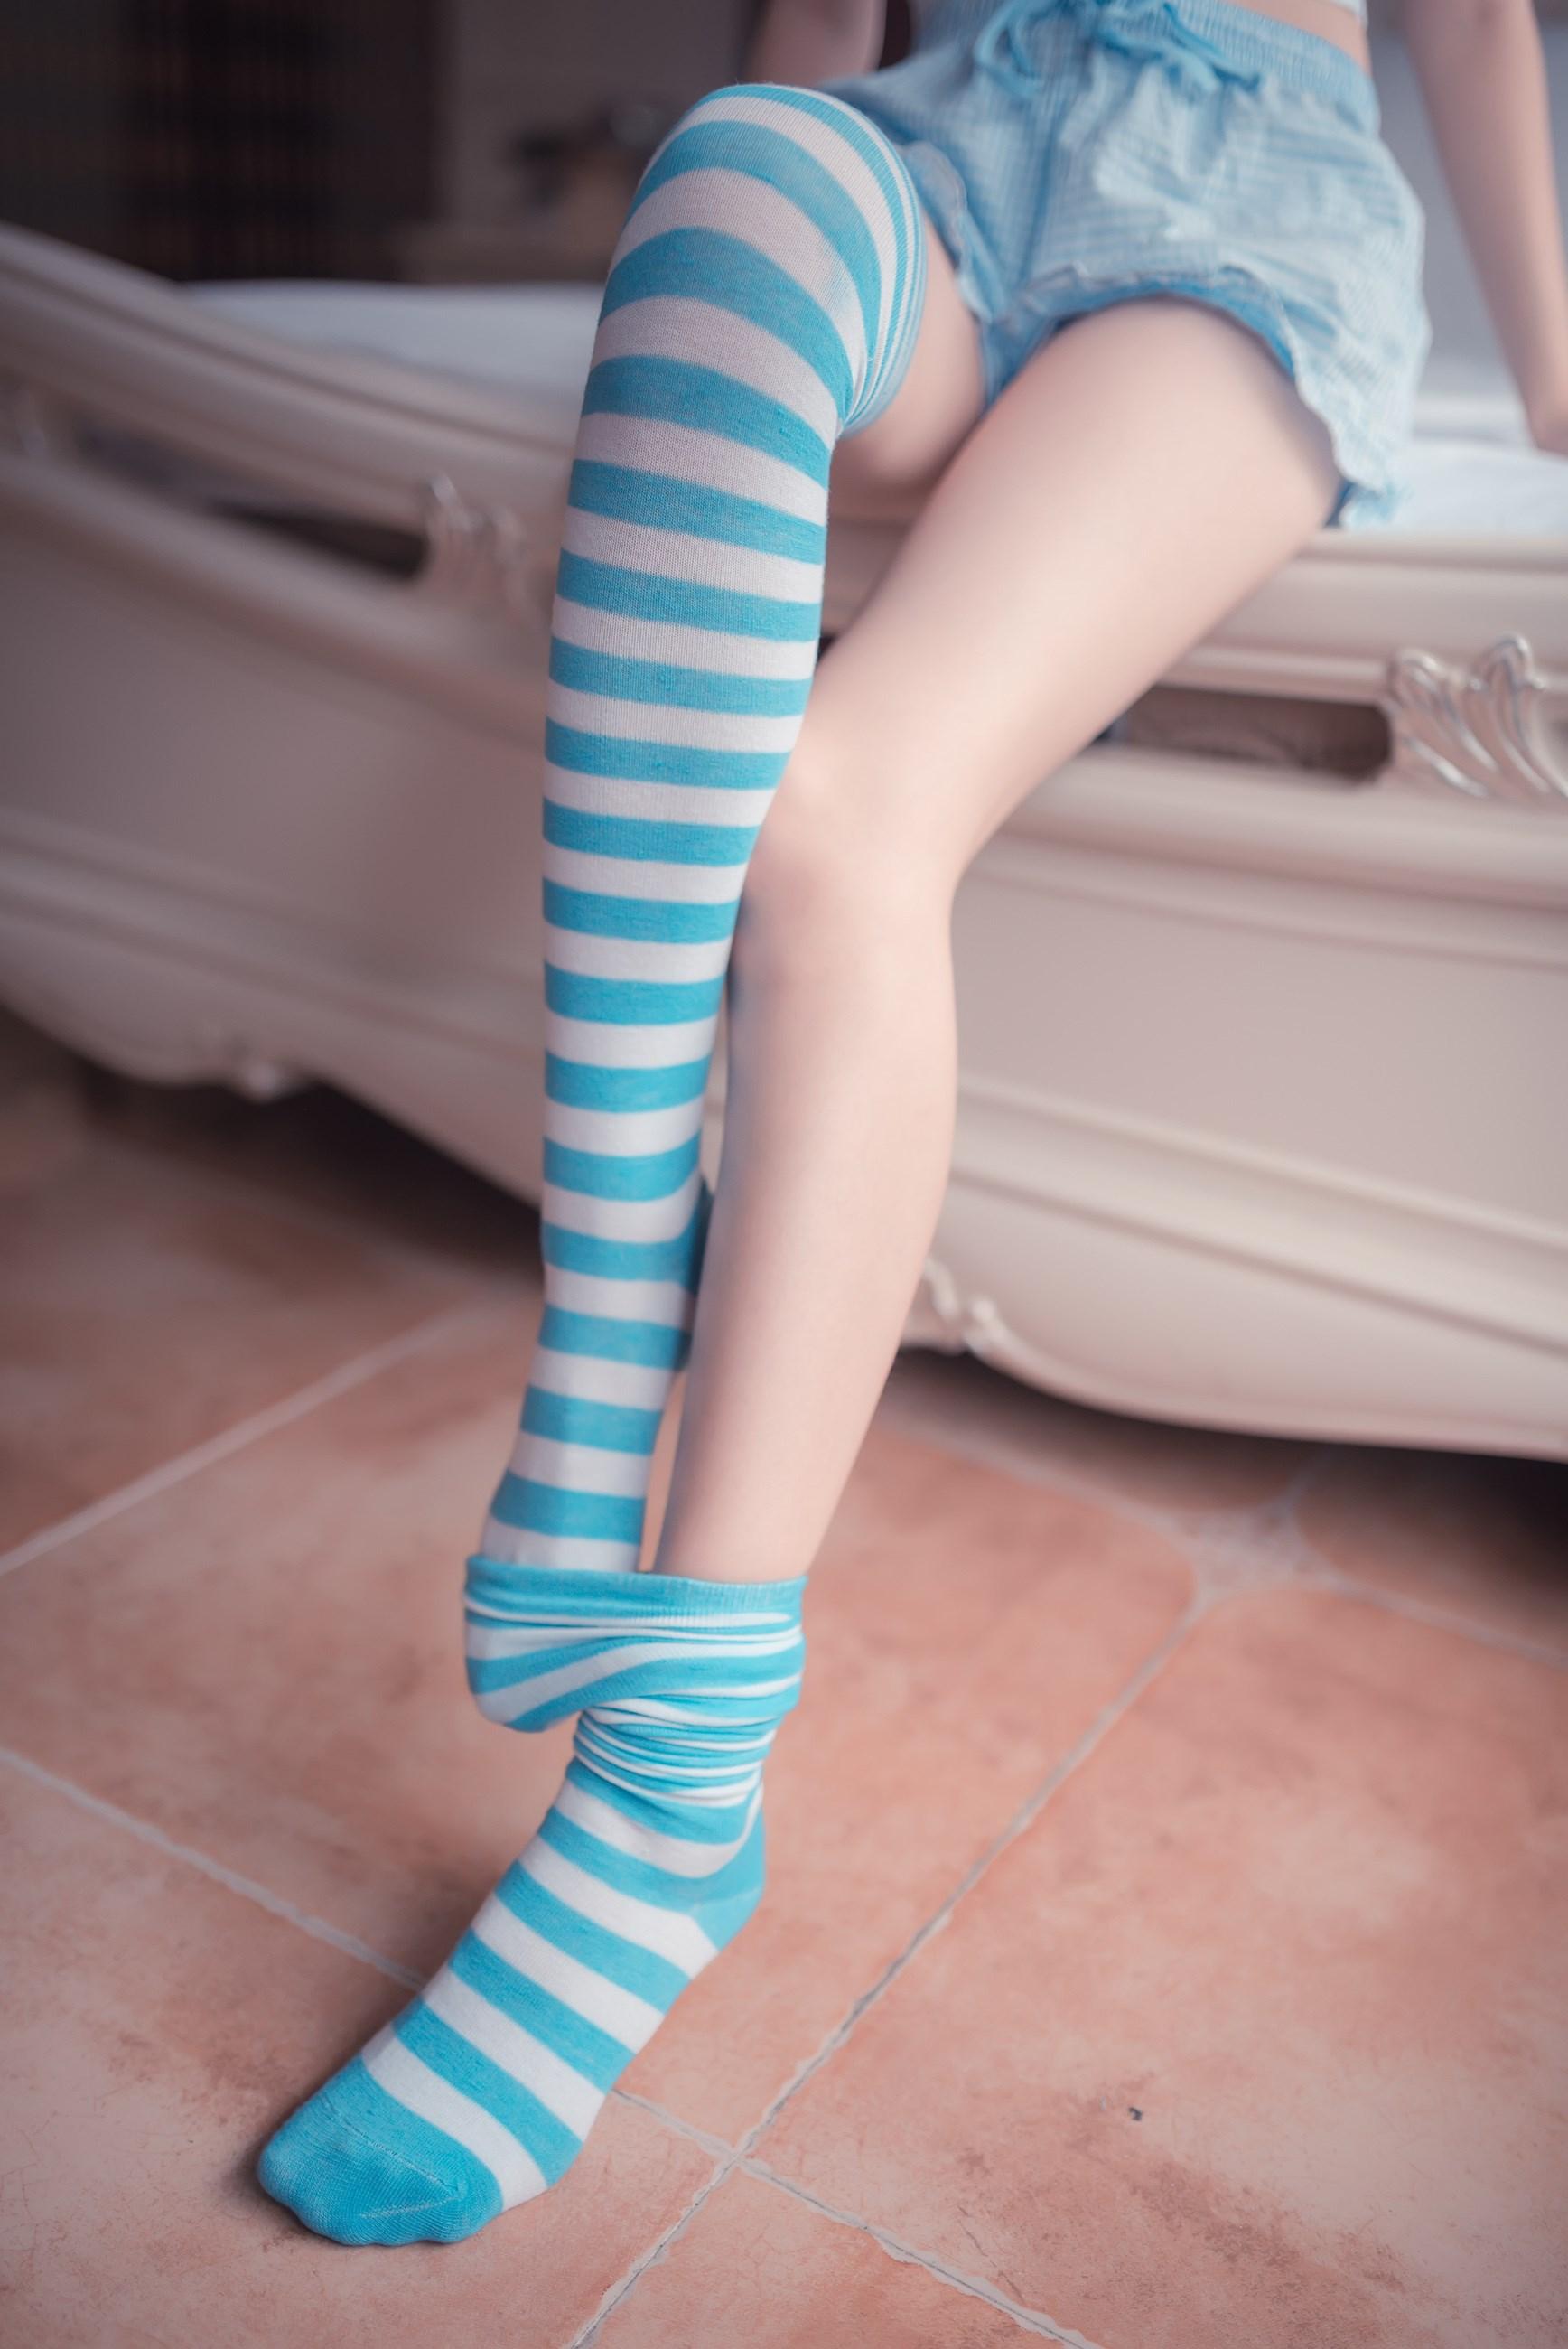 【兔玩映画】蓝白条纹 兔玩映画 第31张